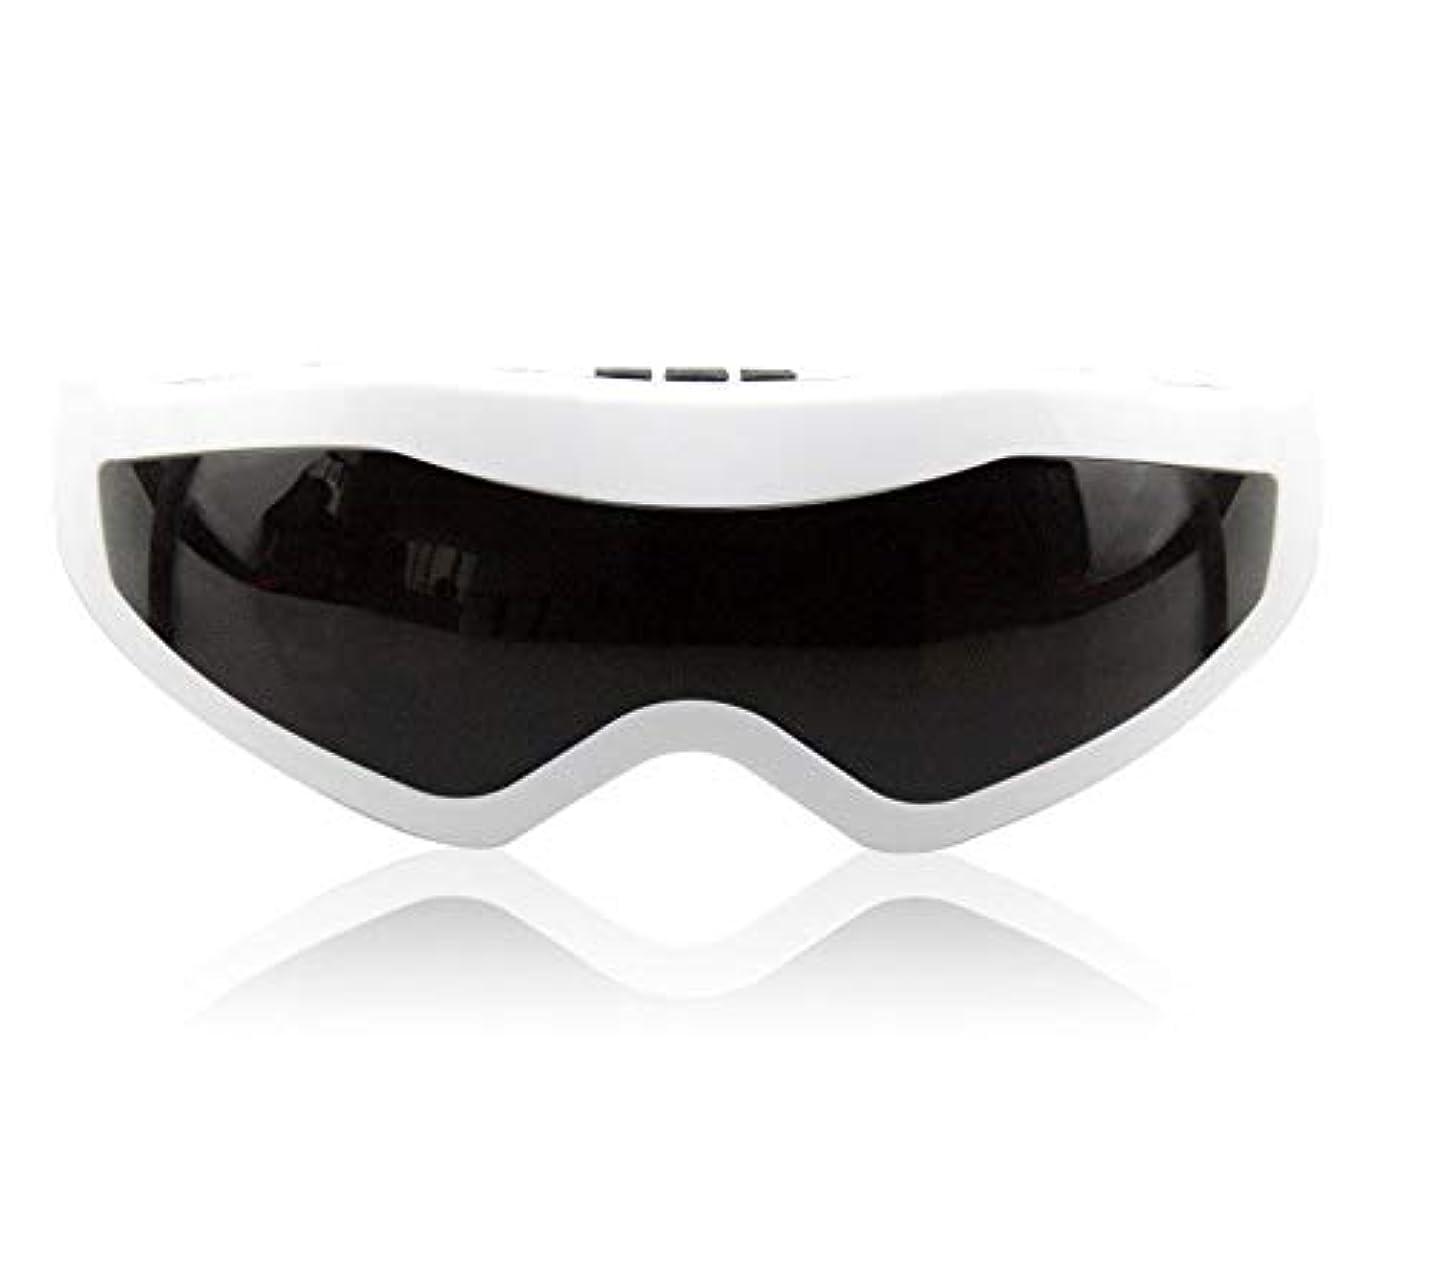 確認してください航海のマディソン目のマッサージャーの電気目のマッサージャーの磁石療法の振動目の保護の器械 (Color : Black)